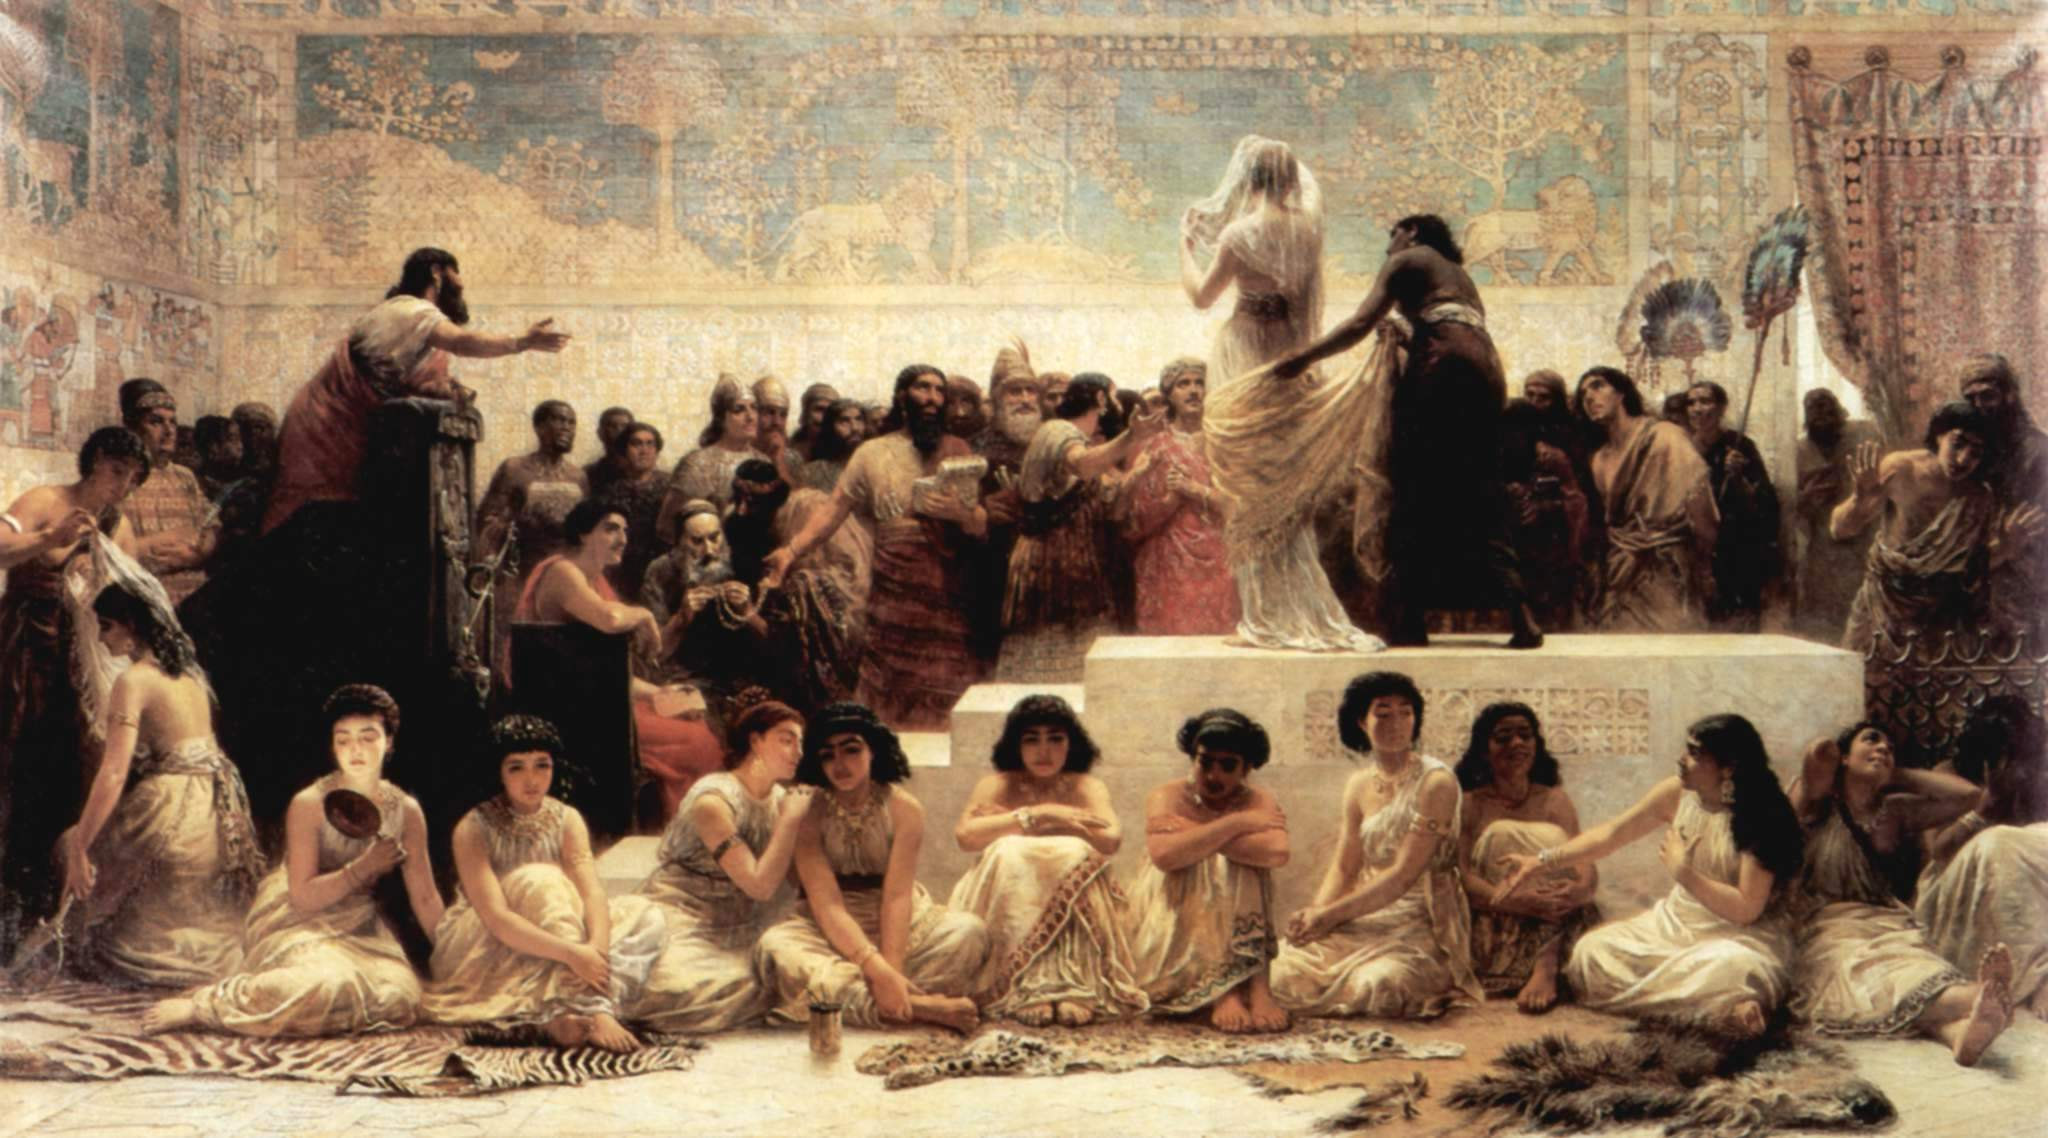 Ярмарка рабынь истории 13 фотография